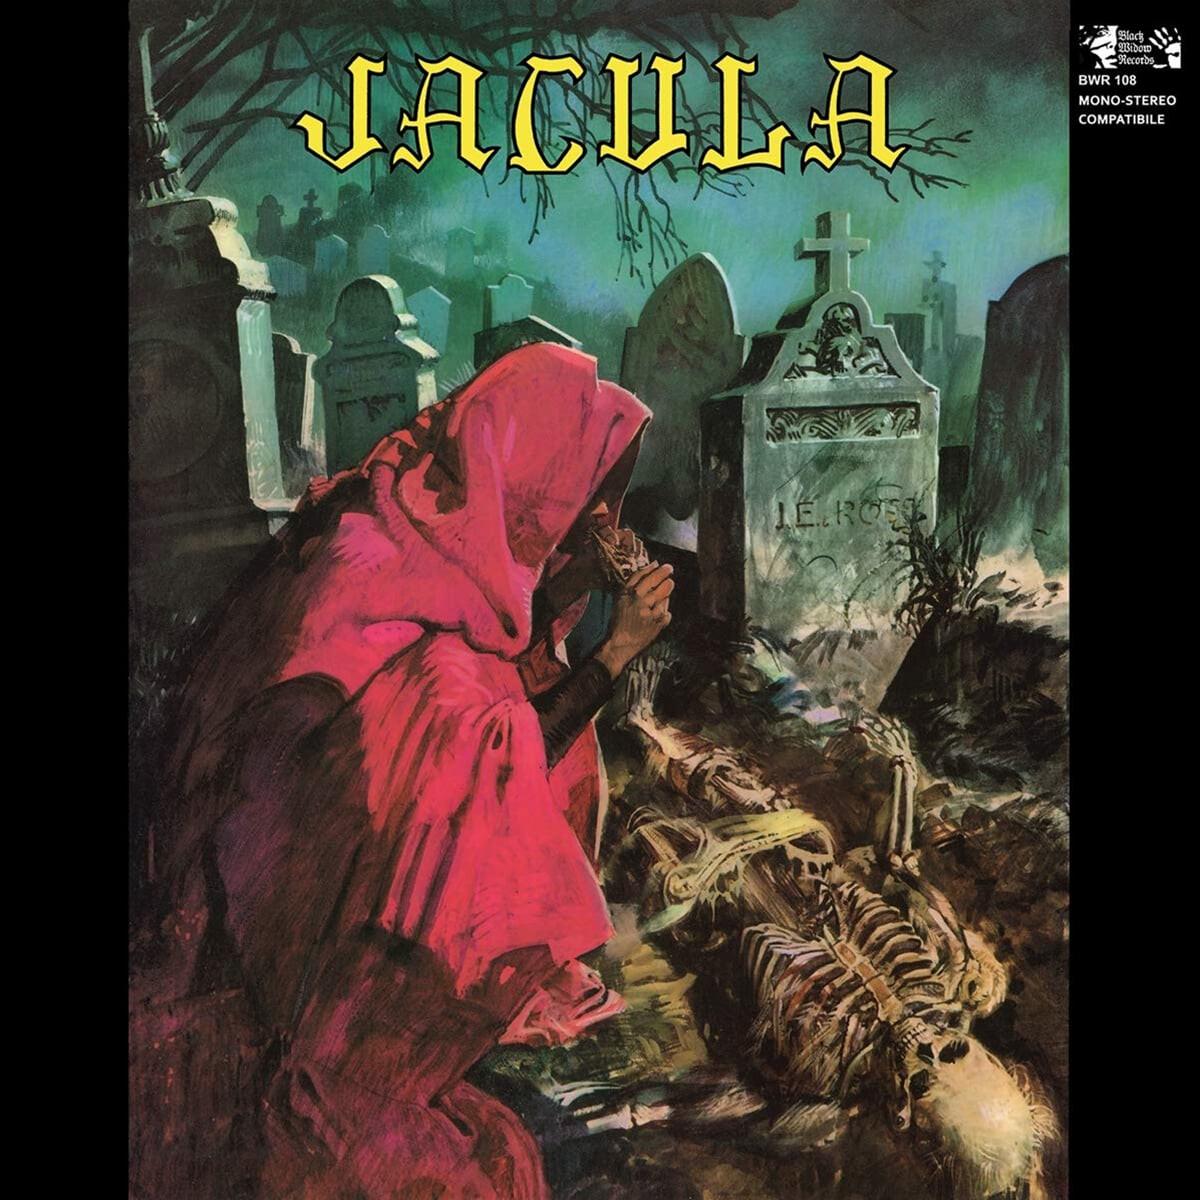 Jacula (야쿨라) - Tardo Pede In Magiam Versus [LP]